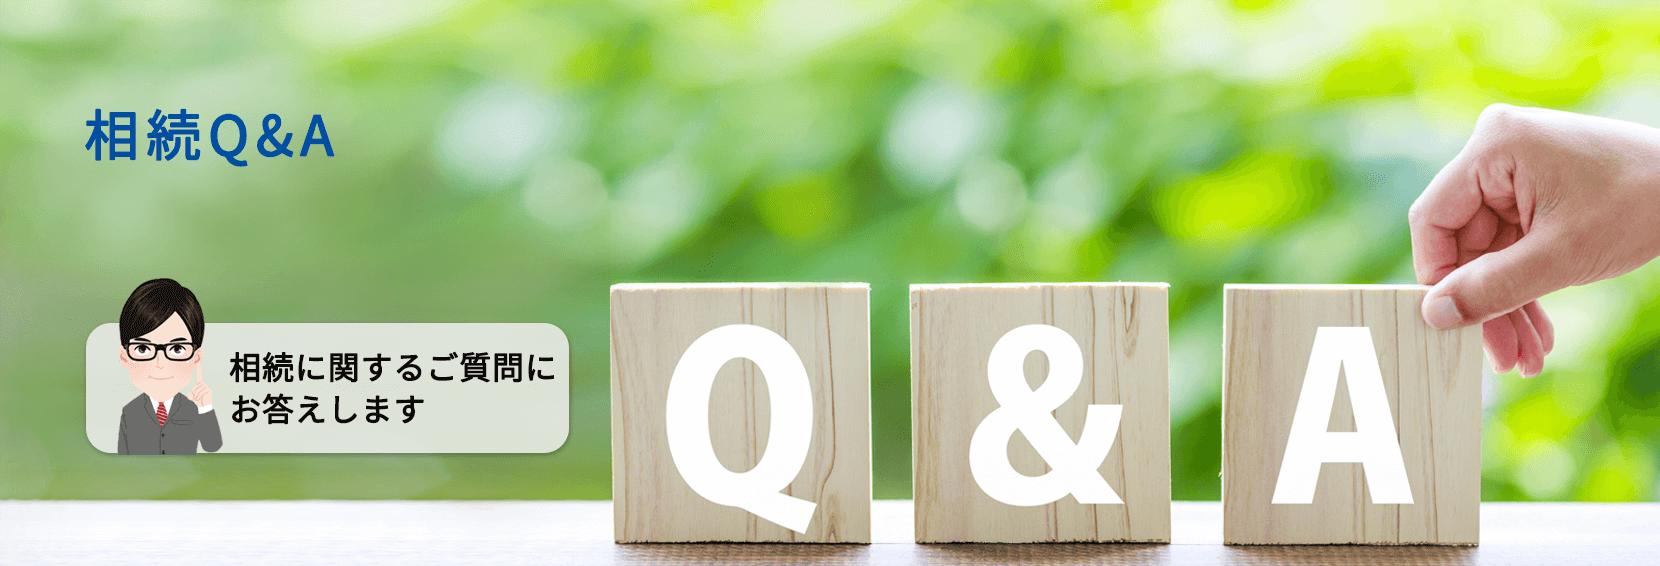 相続Q&A 相続に関するご質問にお答えします-イメージ